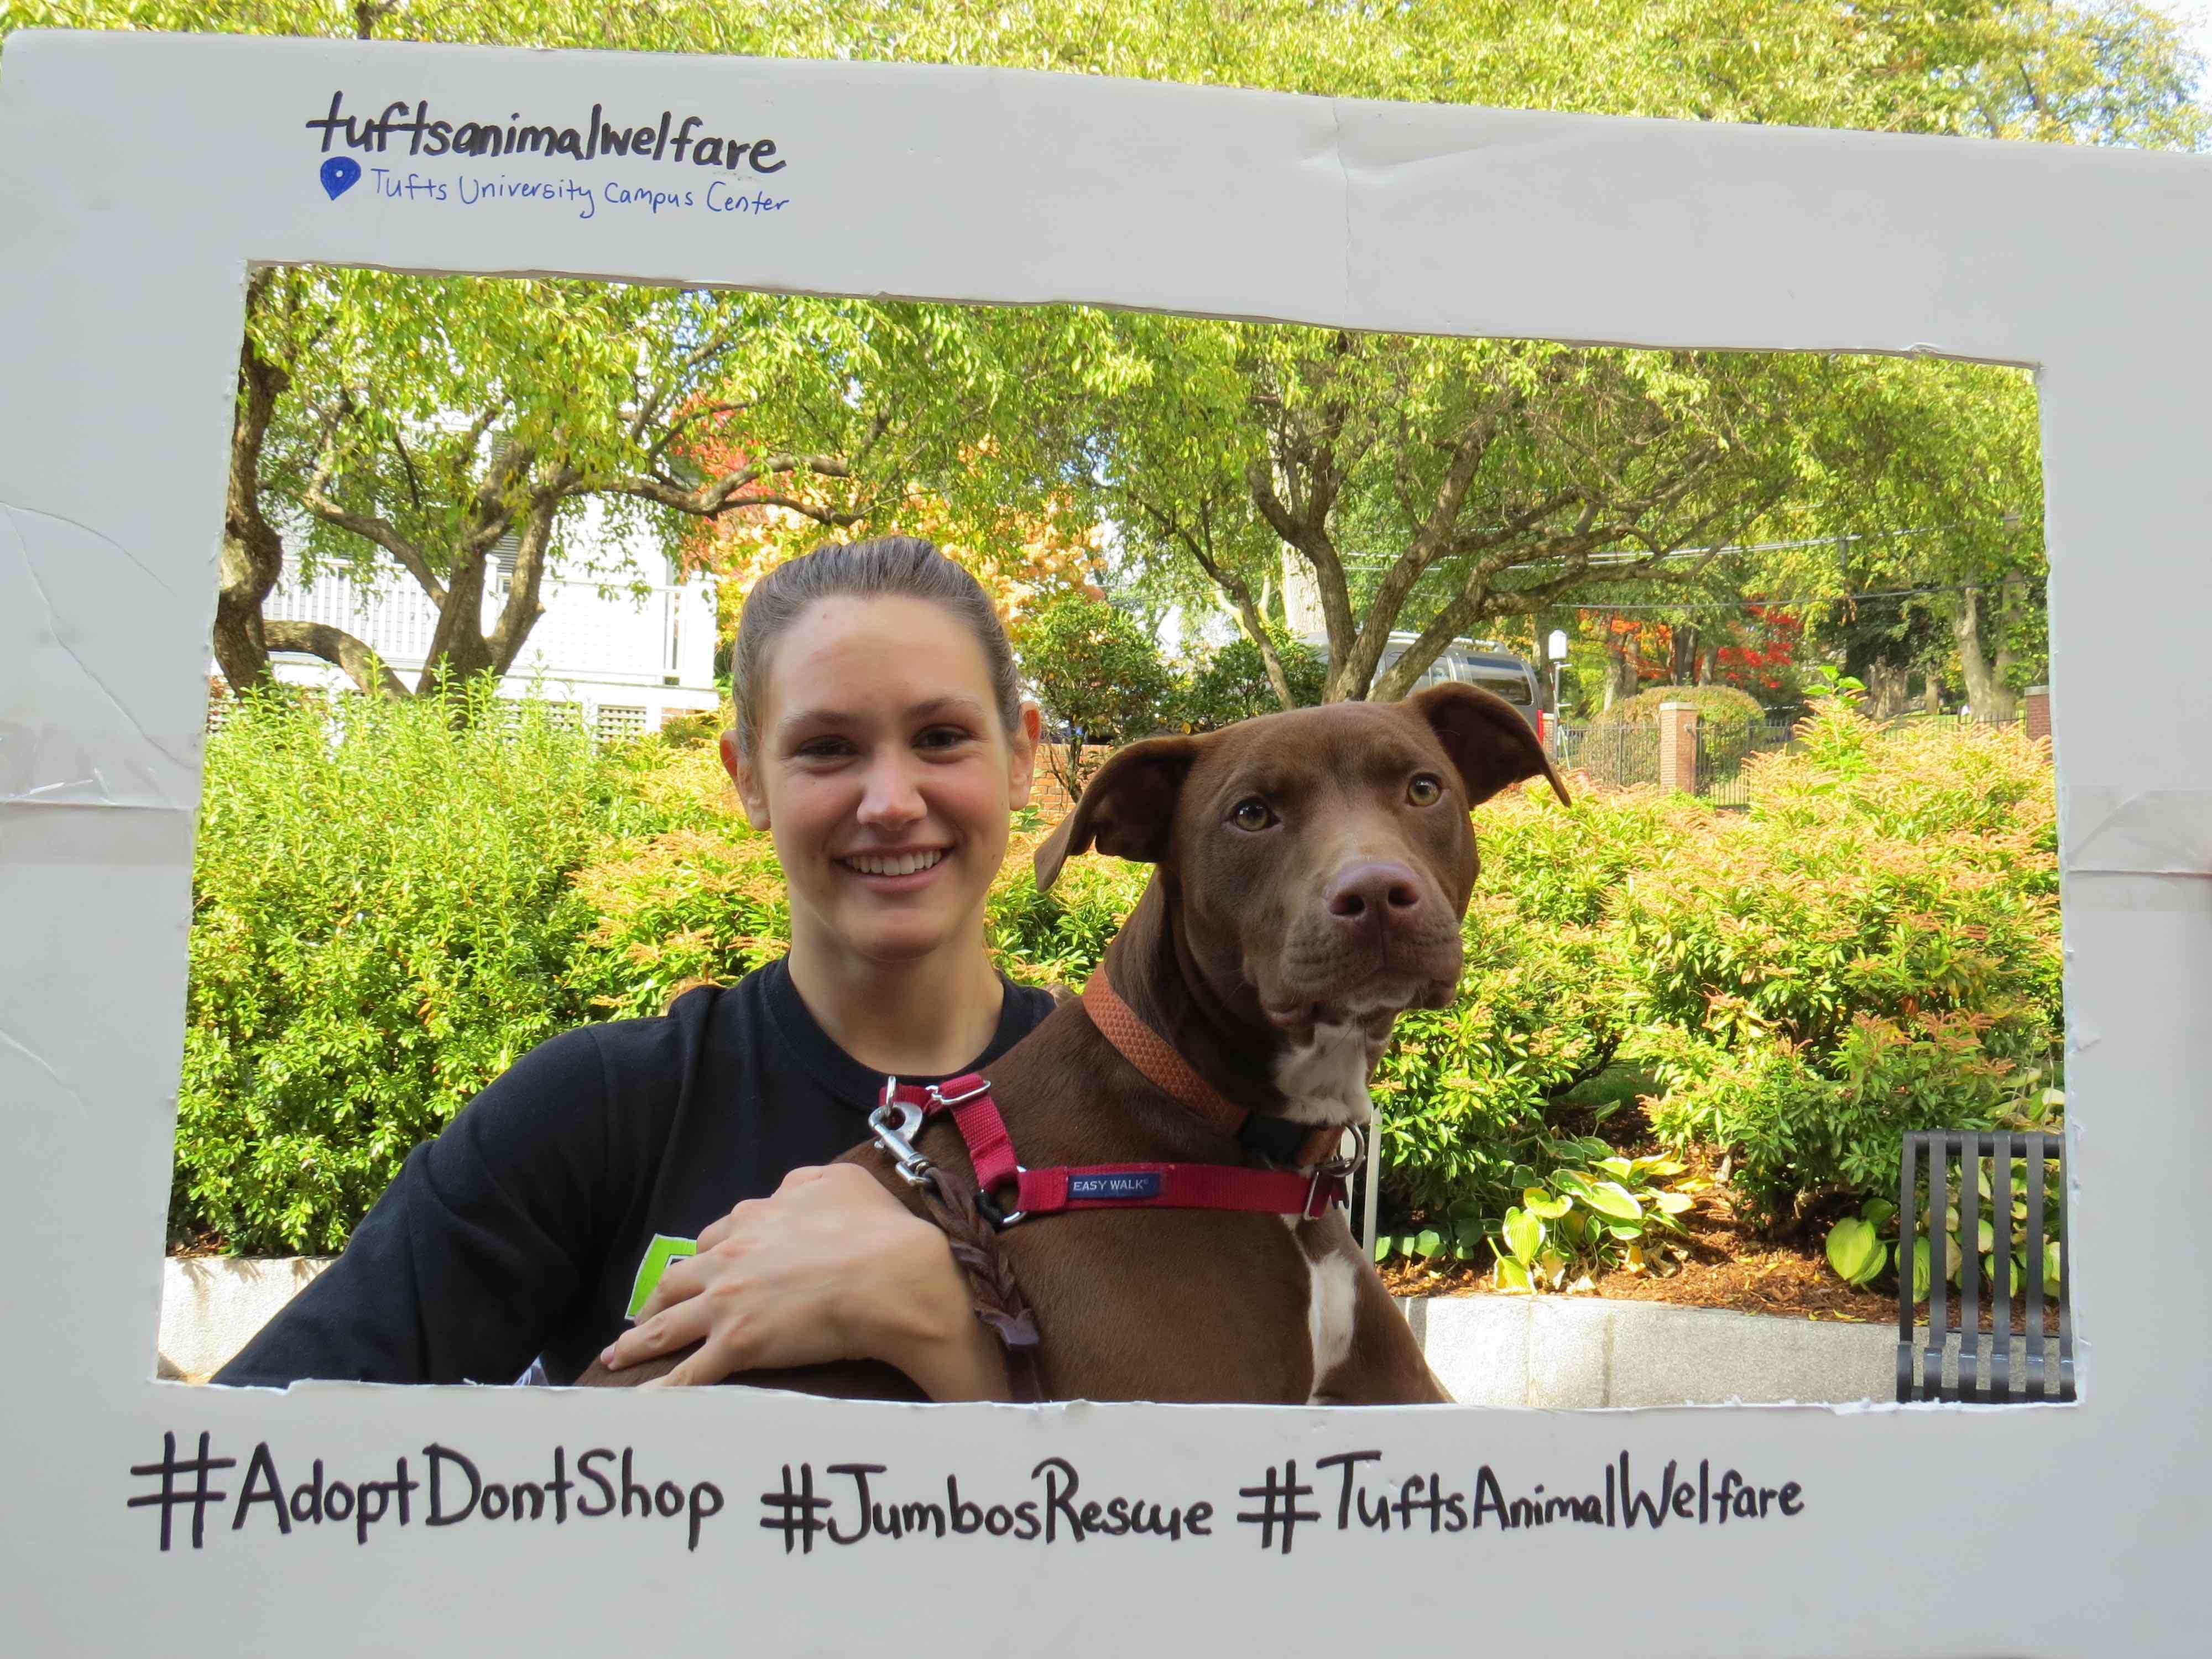 Social Media Campaign #adoptdontshop